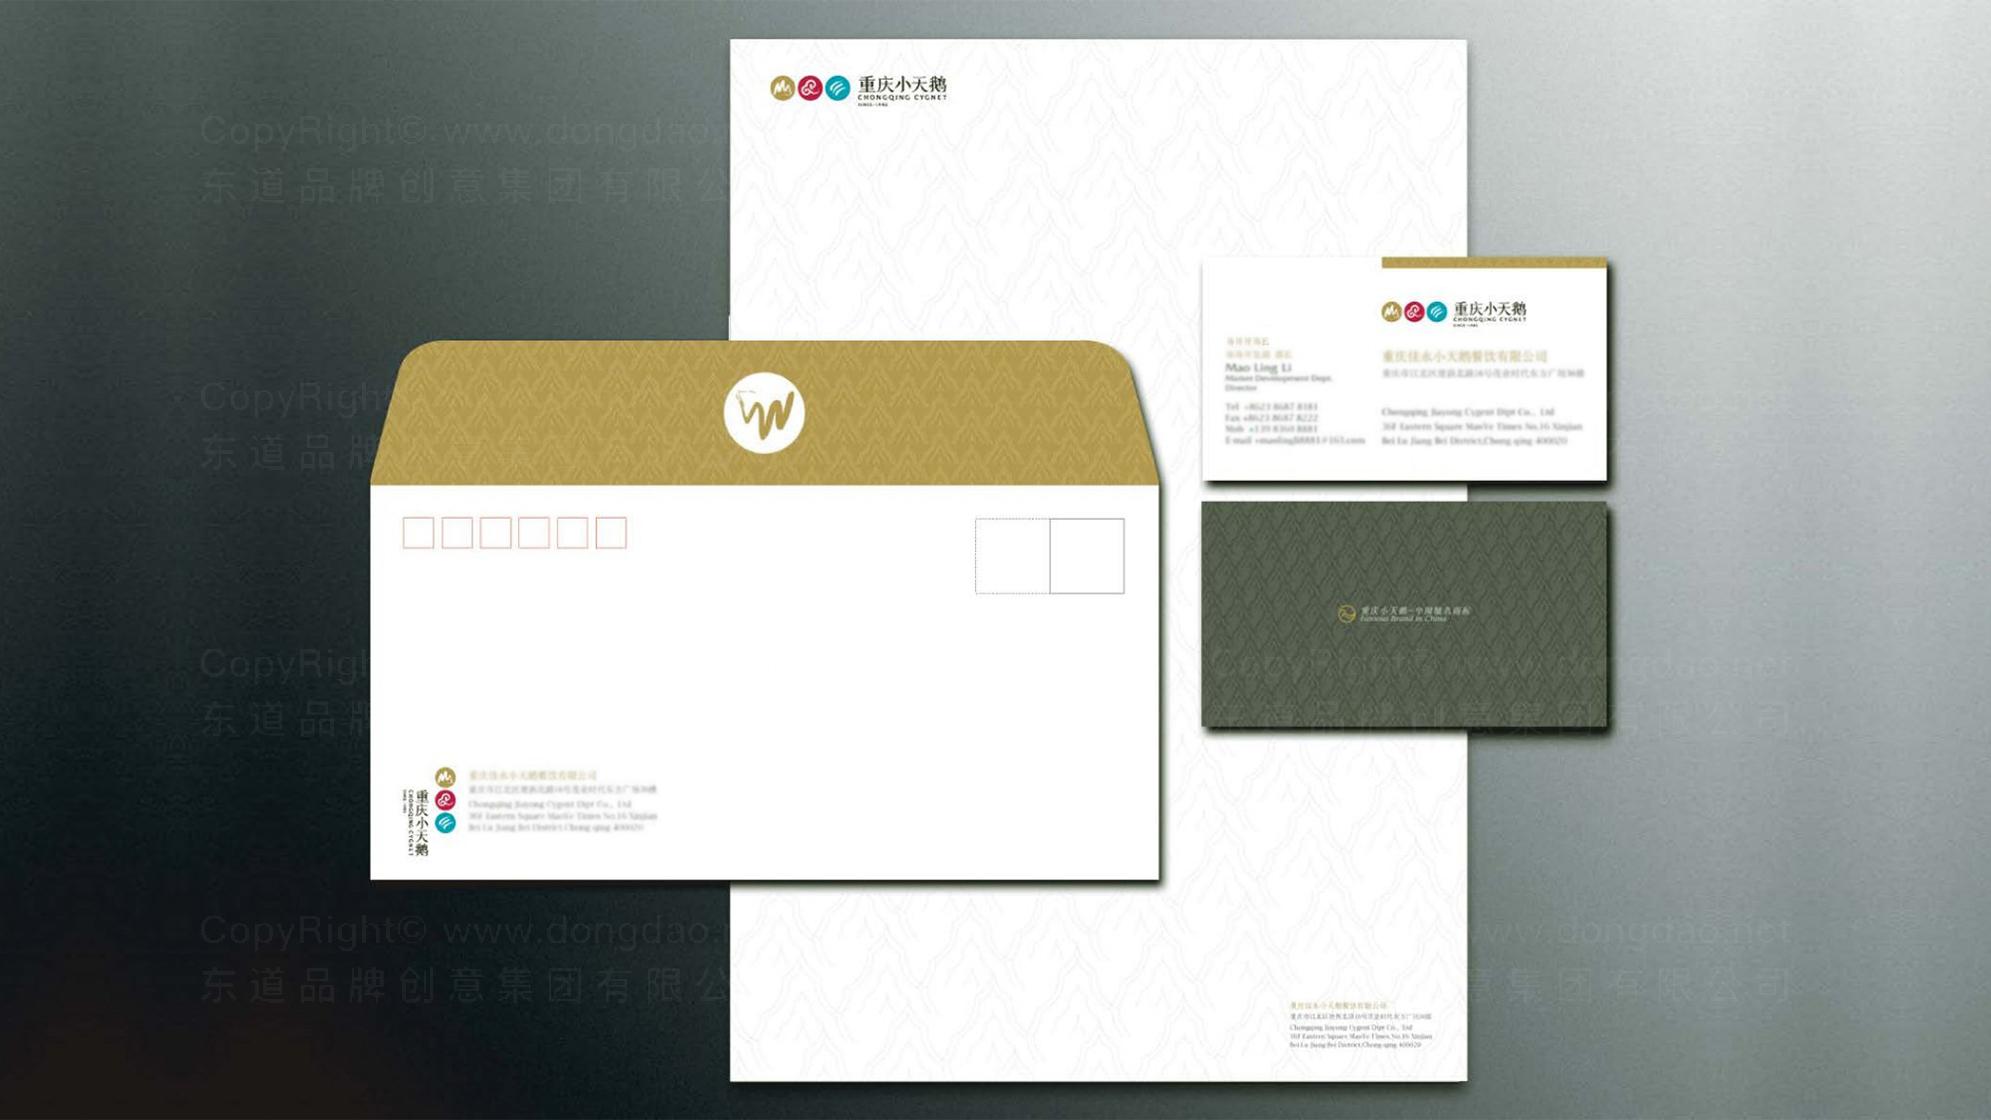 品牌设计重庆小天鹅LOGO&VI设计应用场景_1